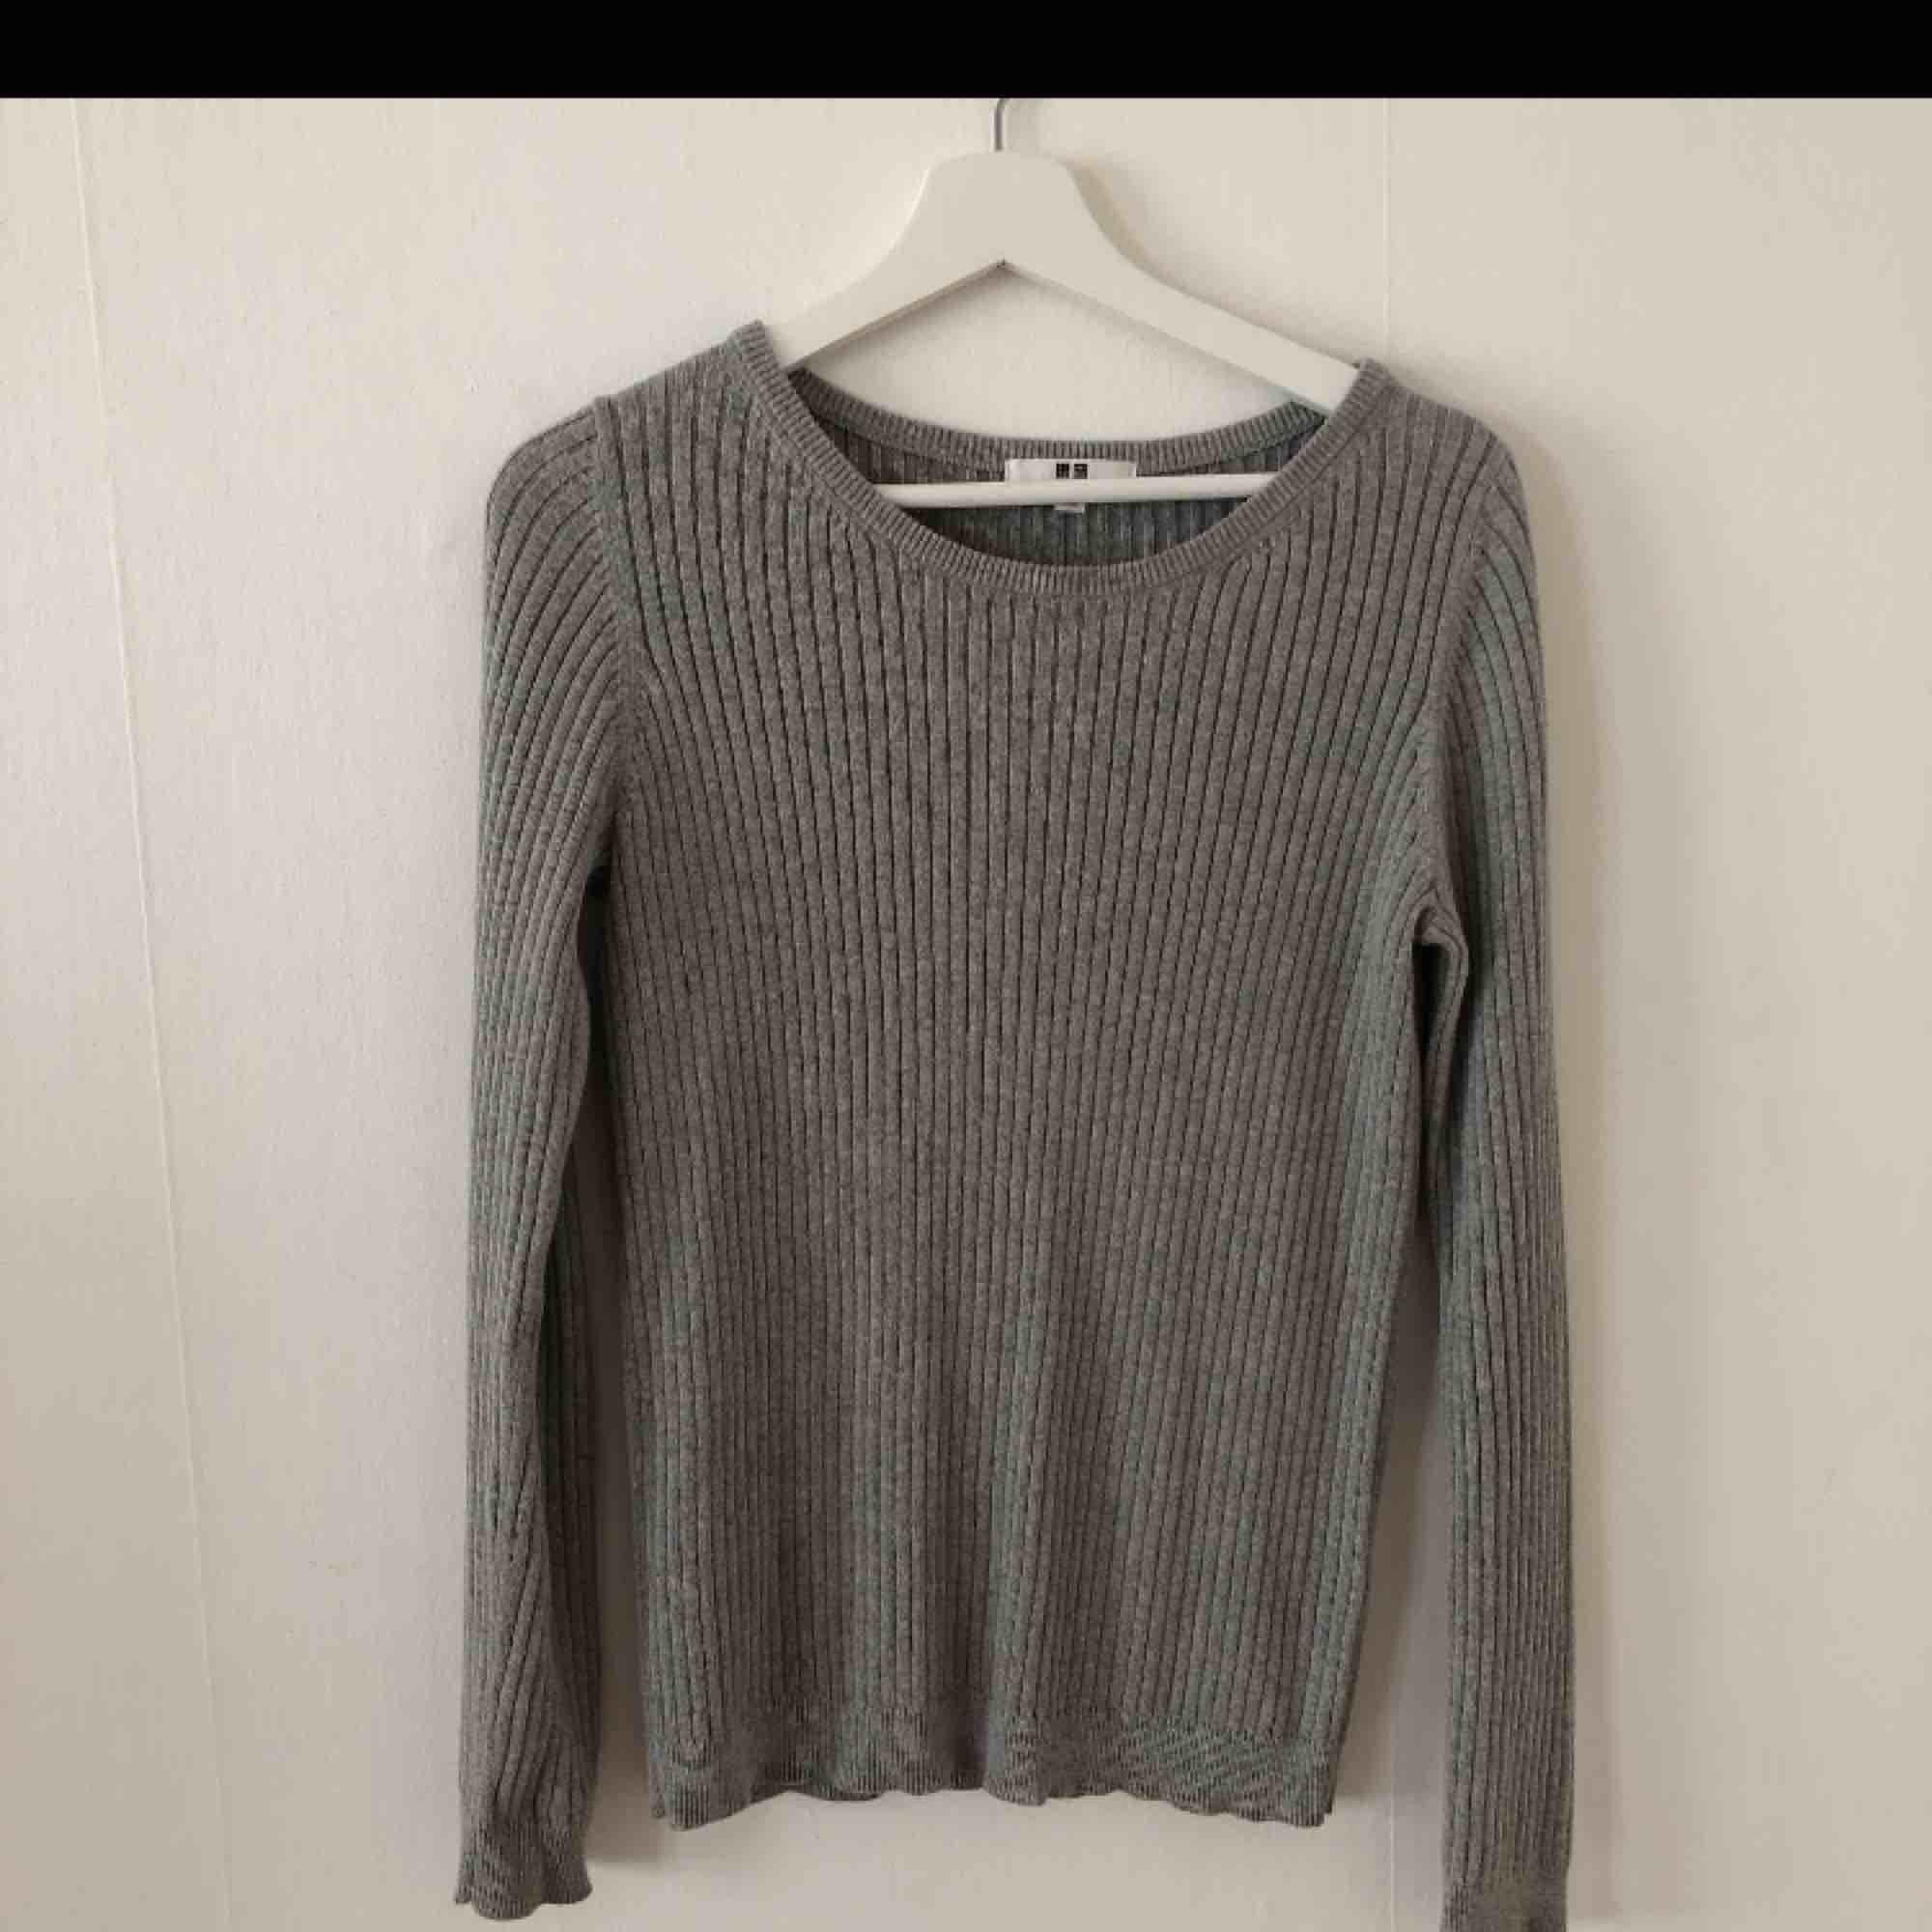 Skön tröja från UNIQLO. 95 % bomull 5 % Cashmir. Storlek S, passar även M. Tröjor & Koftor.